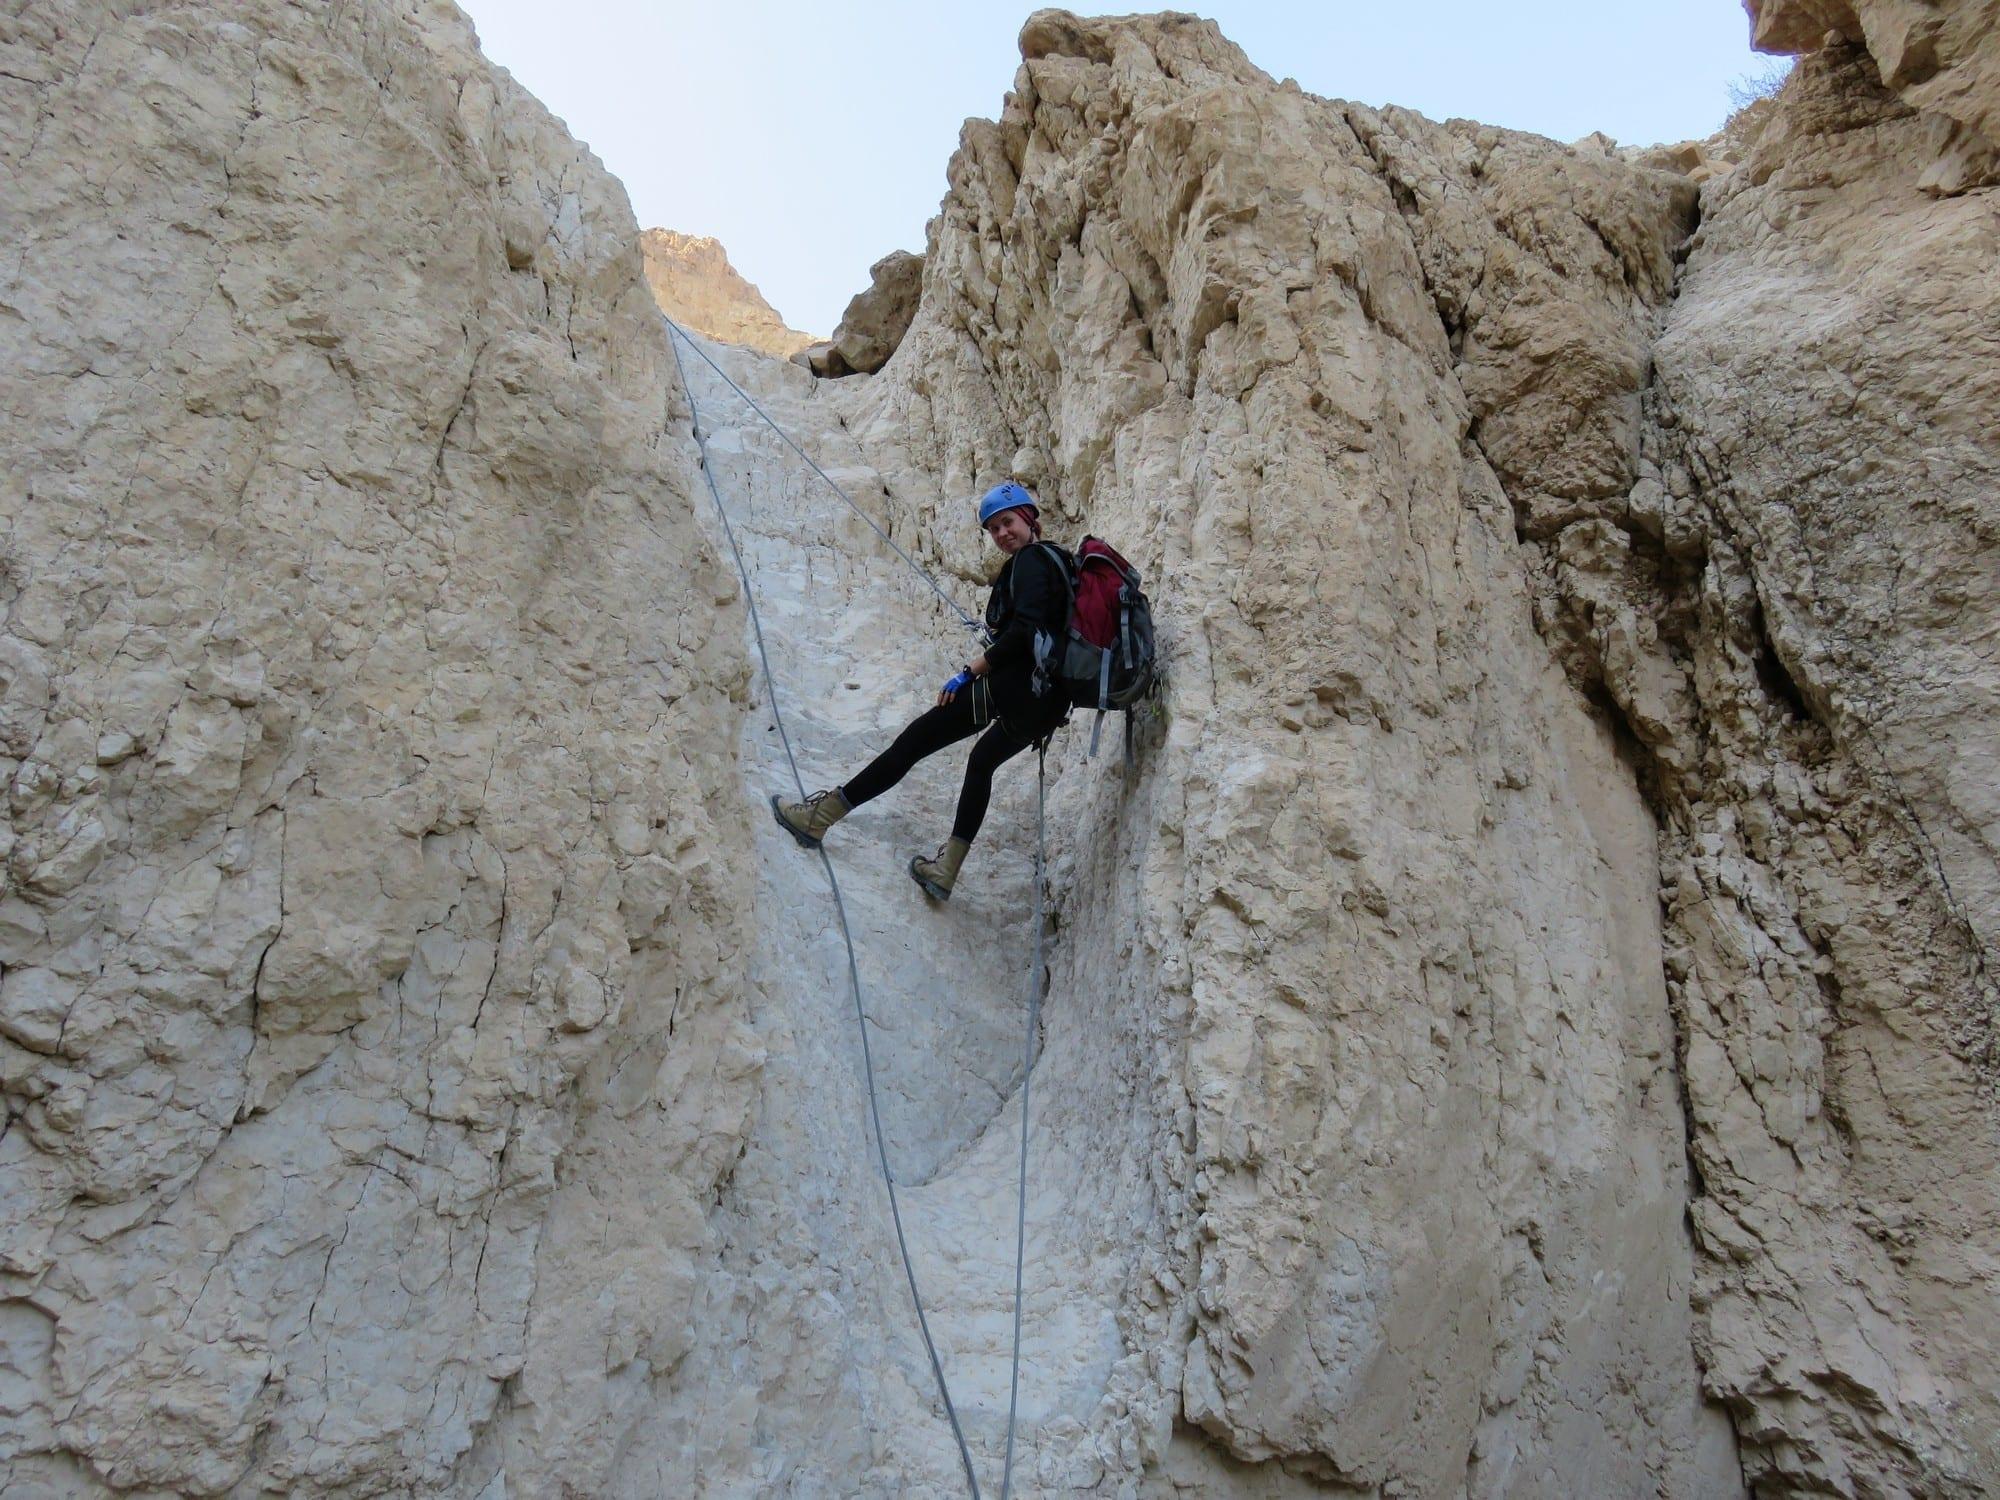 טיול סנפלינג למתחילים בנחל טור תחתון - ערוצים בטבע